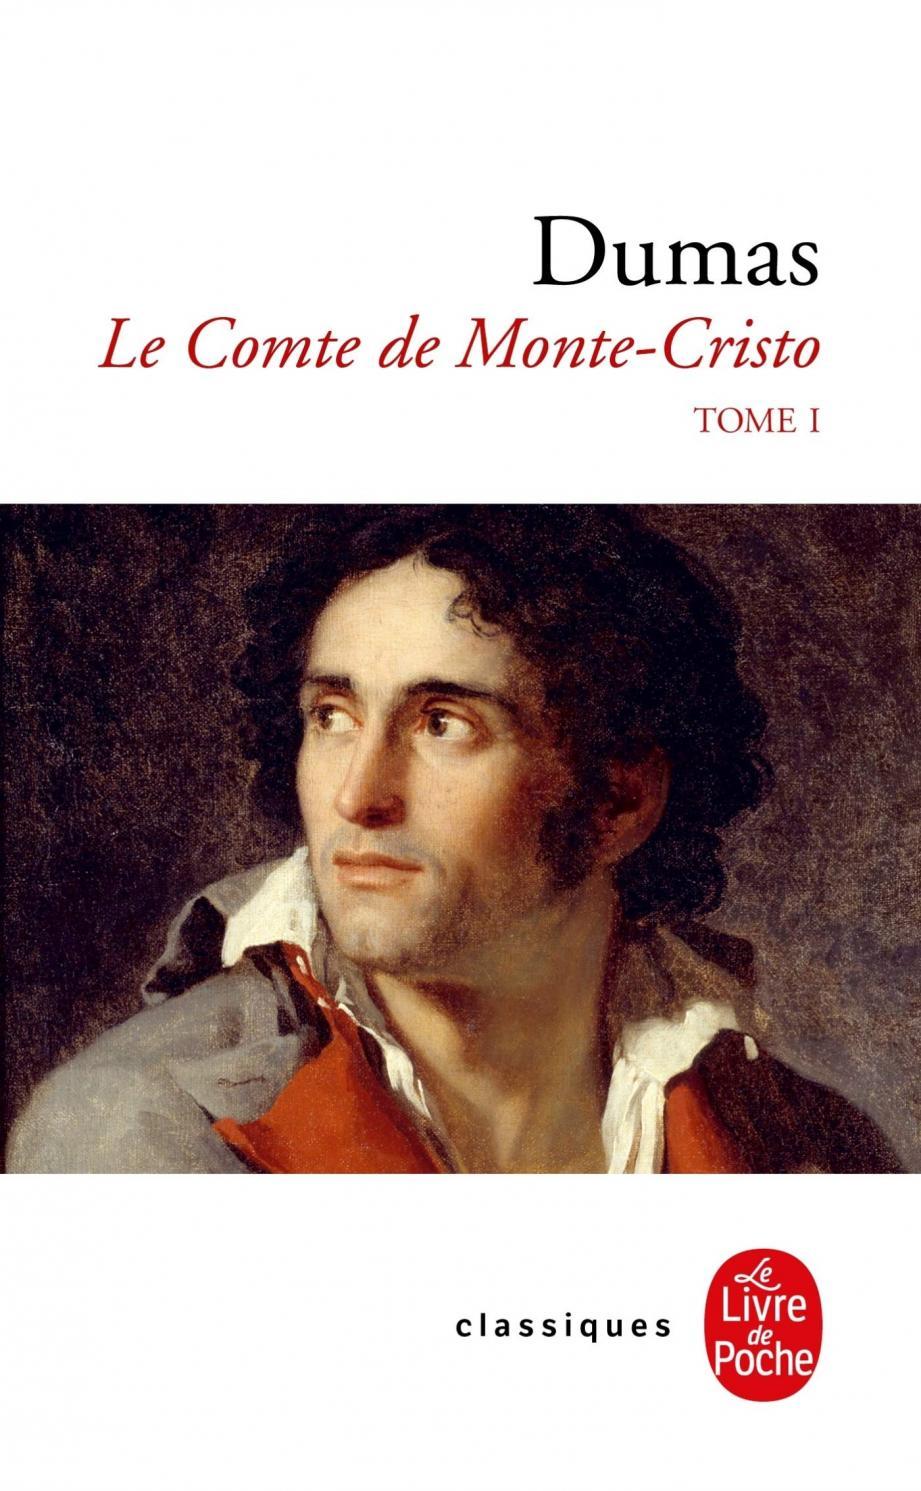 Le Comte de Monte-Cristo d'Alexandre Dumas